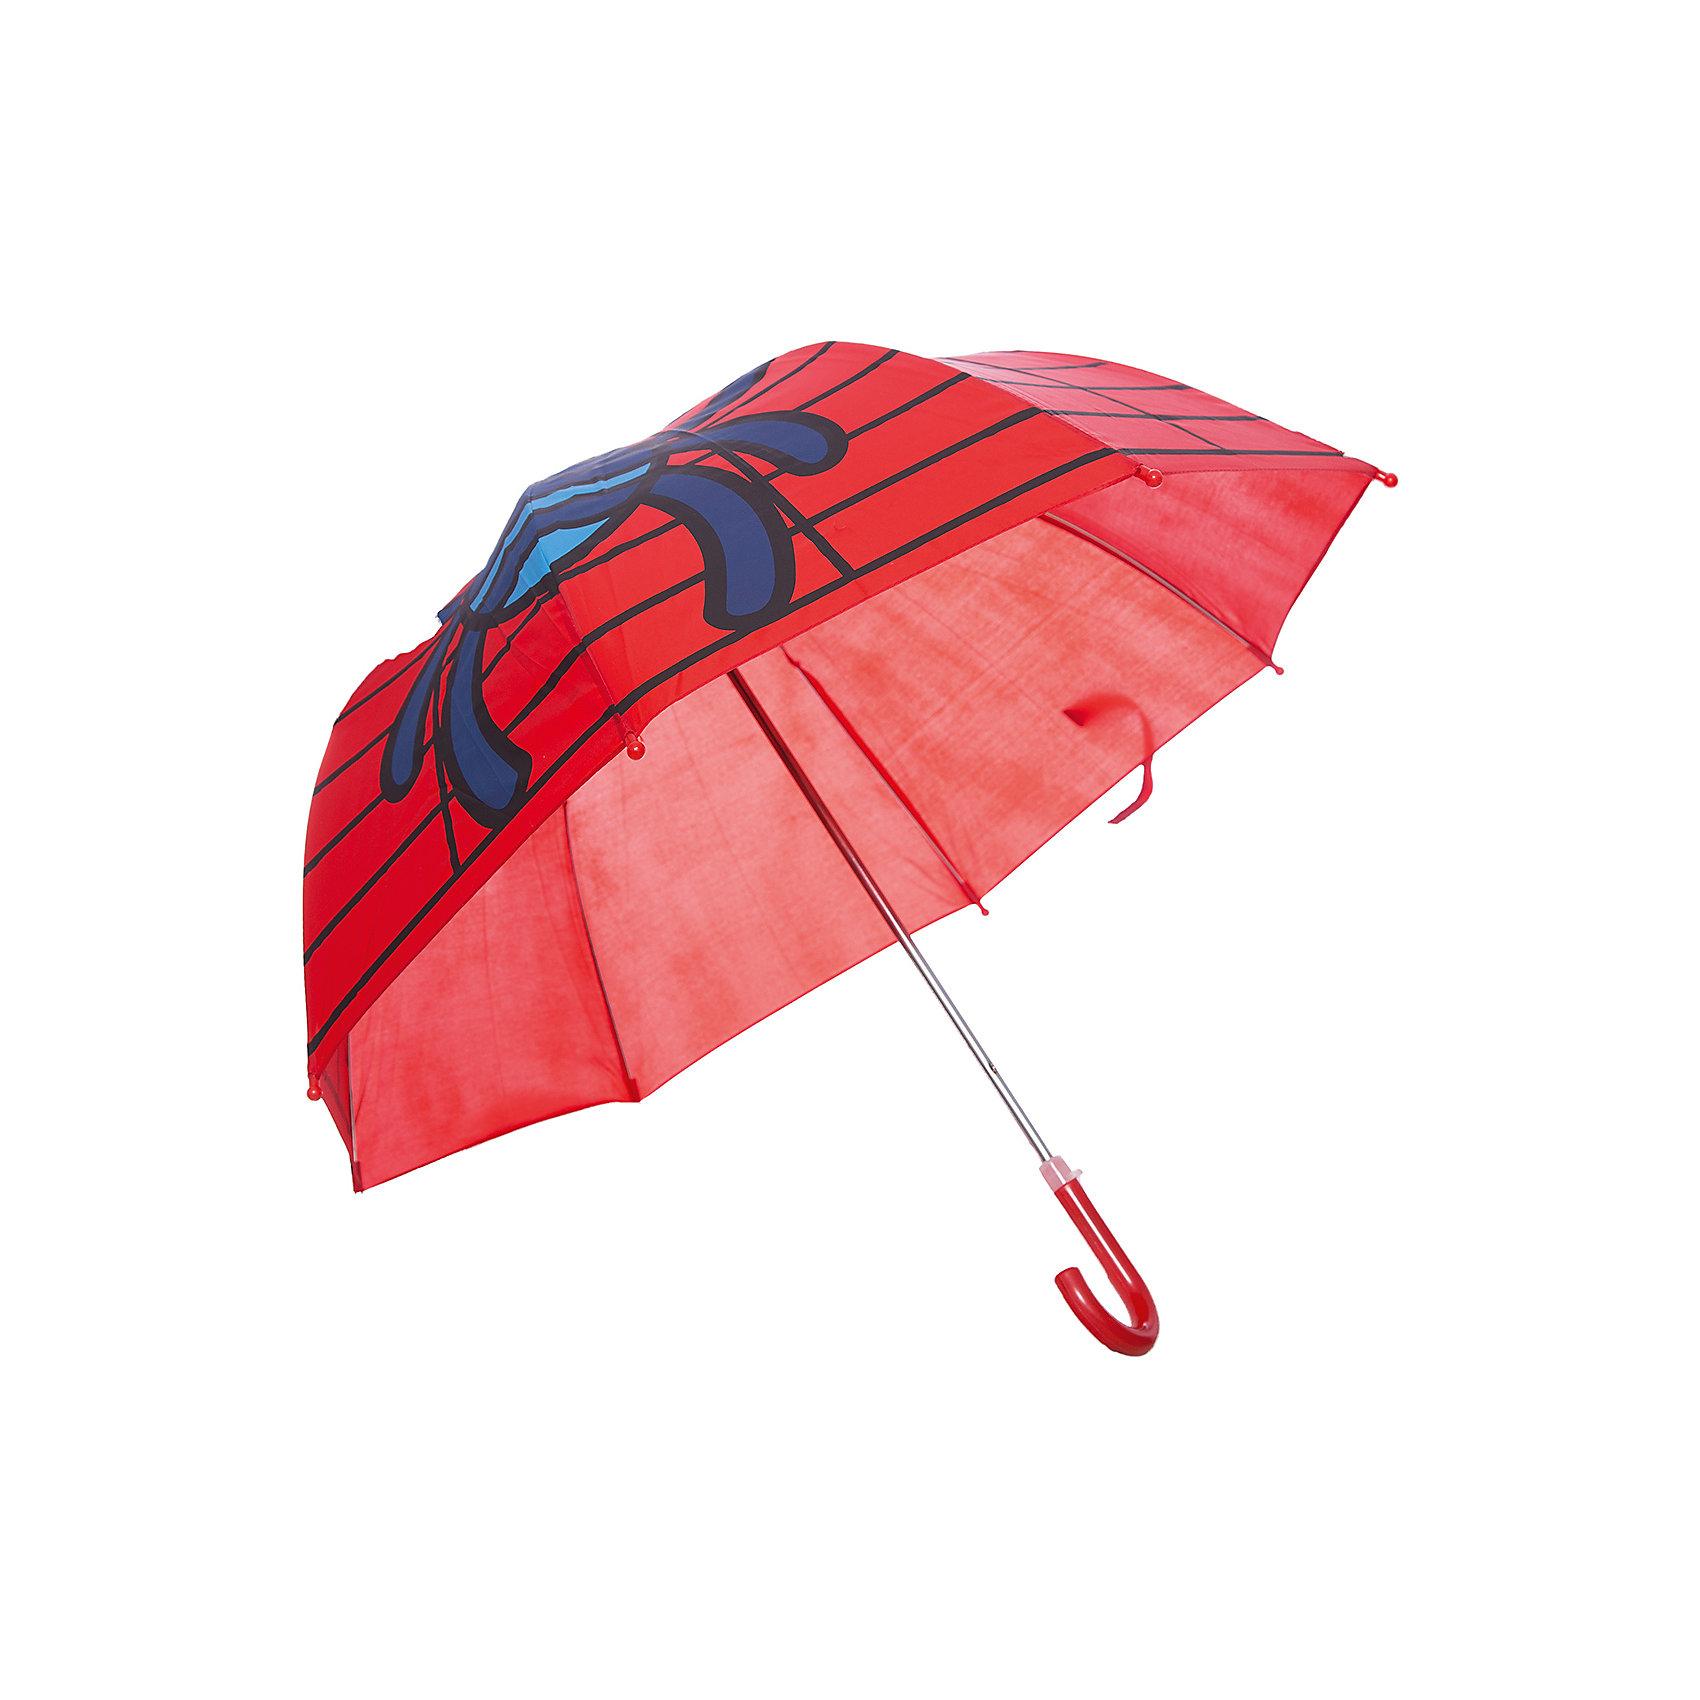 Зонт детский Паук 46см.Зонты детские<br>Зонт детский Паук 46см., Mary Poppins (Мэри Поппинс)<br><br>Характеристики:<br><br>• устойчив к ветру<br>• система складывания: механическая<br>• прочное крепление купола<br>• радиус купола: 46 см<br>• длина ручки: 57 см<br>• пластиковый фиксатор на стержне зонтика<br>• плстиковые насадки на спицах<br>• материал: текстиль, металл, пластик<br>• размер упаковки: 60х6х8 см<br><br>Даже дождик - не повод грустить дома, если у вас есть красивый зонтик! Зонт Паук поднимет настроение красивым рисунком с изображением гигантского паука и защитит от дождя и ветра. Купол изделия надежно крепится к металлическому каркасу, что делает его устойчивым к сильному ветру. Закругленную ручку удобно держать в руке. Спицы зонтика имеют закругленные наконечники из пластика, выполняющие защитную функцию.<br><br>Зонт детский Паук 46см., Mary Poppins (Мэри Поппинс) можно купить в нашем интернет-магазине.<br><br>Ширина мм: 600<br>Глубина мм: 600<br>Высота мм: 800<br>Вес г: 200<br>Возраст от месяцев: 36<br>Возраст до месяцев: 2147483647<br>Пол: Мужской<br>Возраст: Детский<br>SKU: 5508518